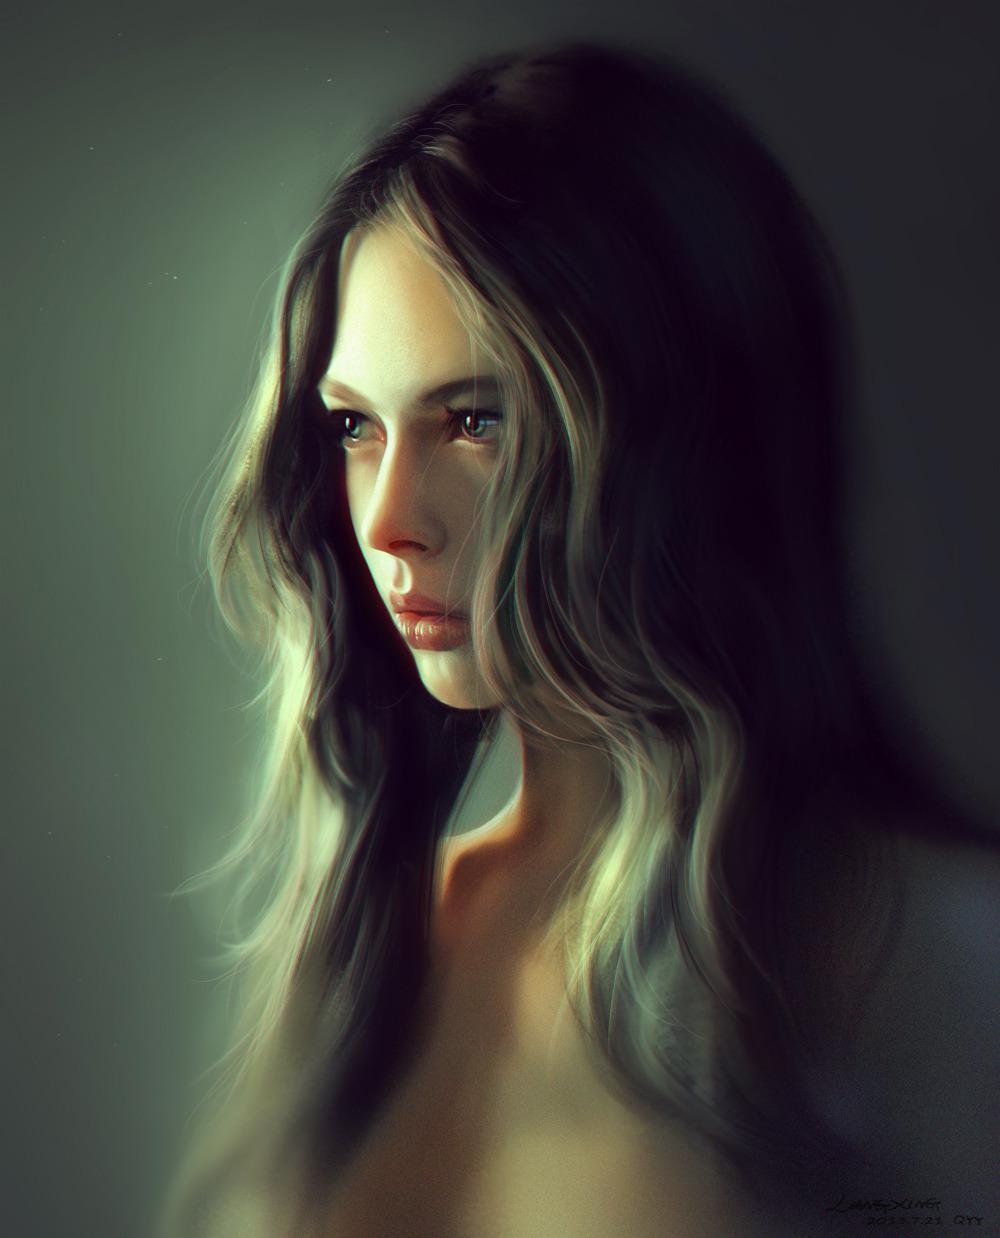 girl portrait by liangxinxin